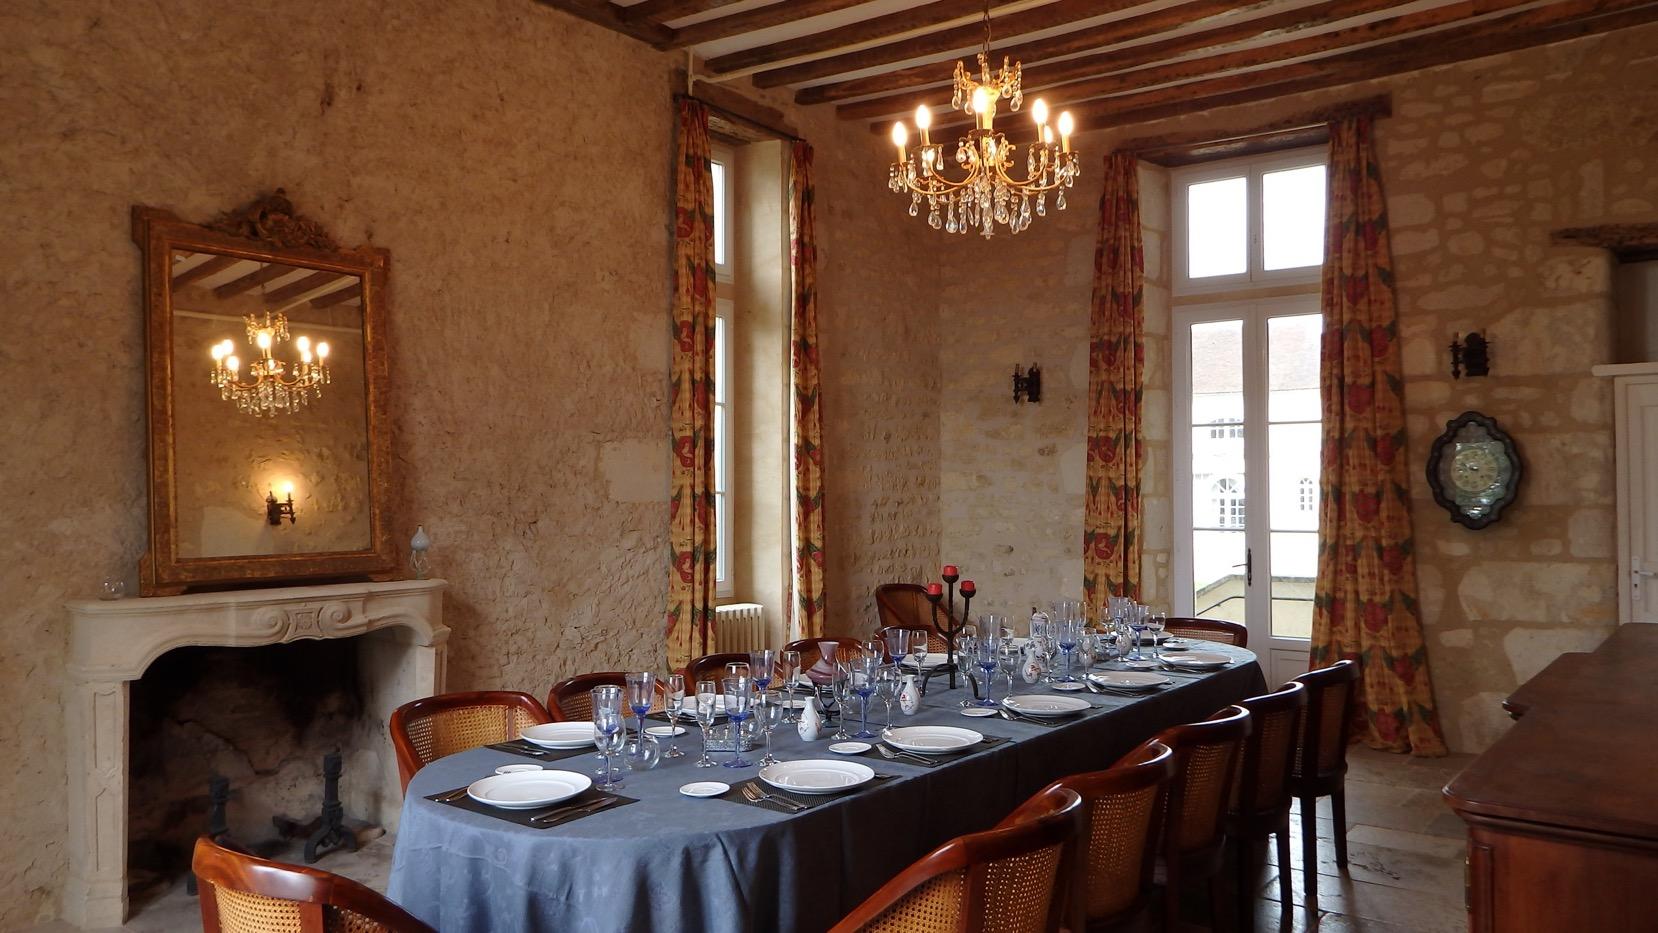 Repas gastronomique en tablea d 39 h tes au ch teau normandie - La table marseillaise chateau gombert ...